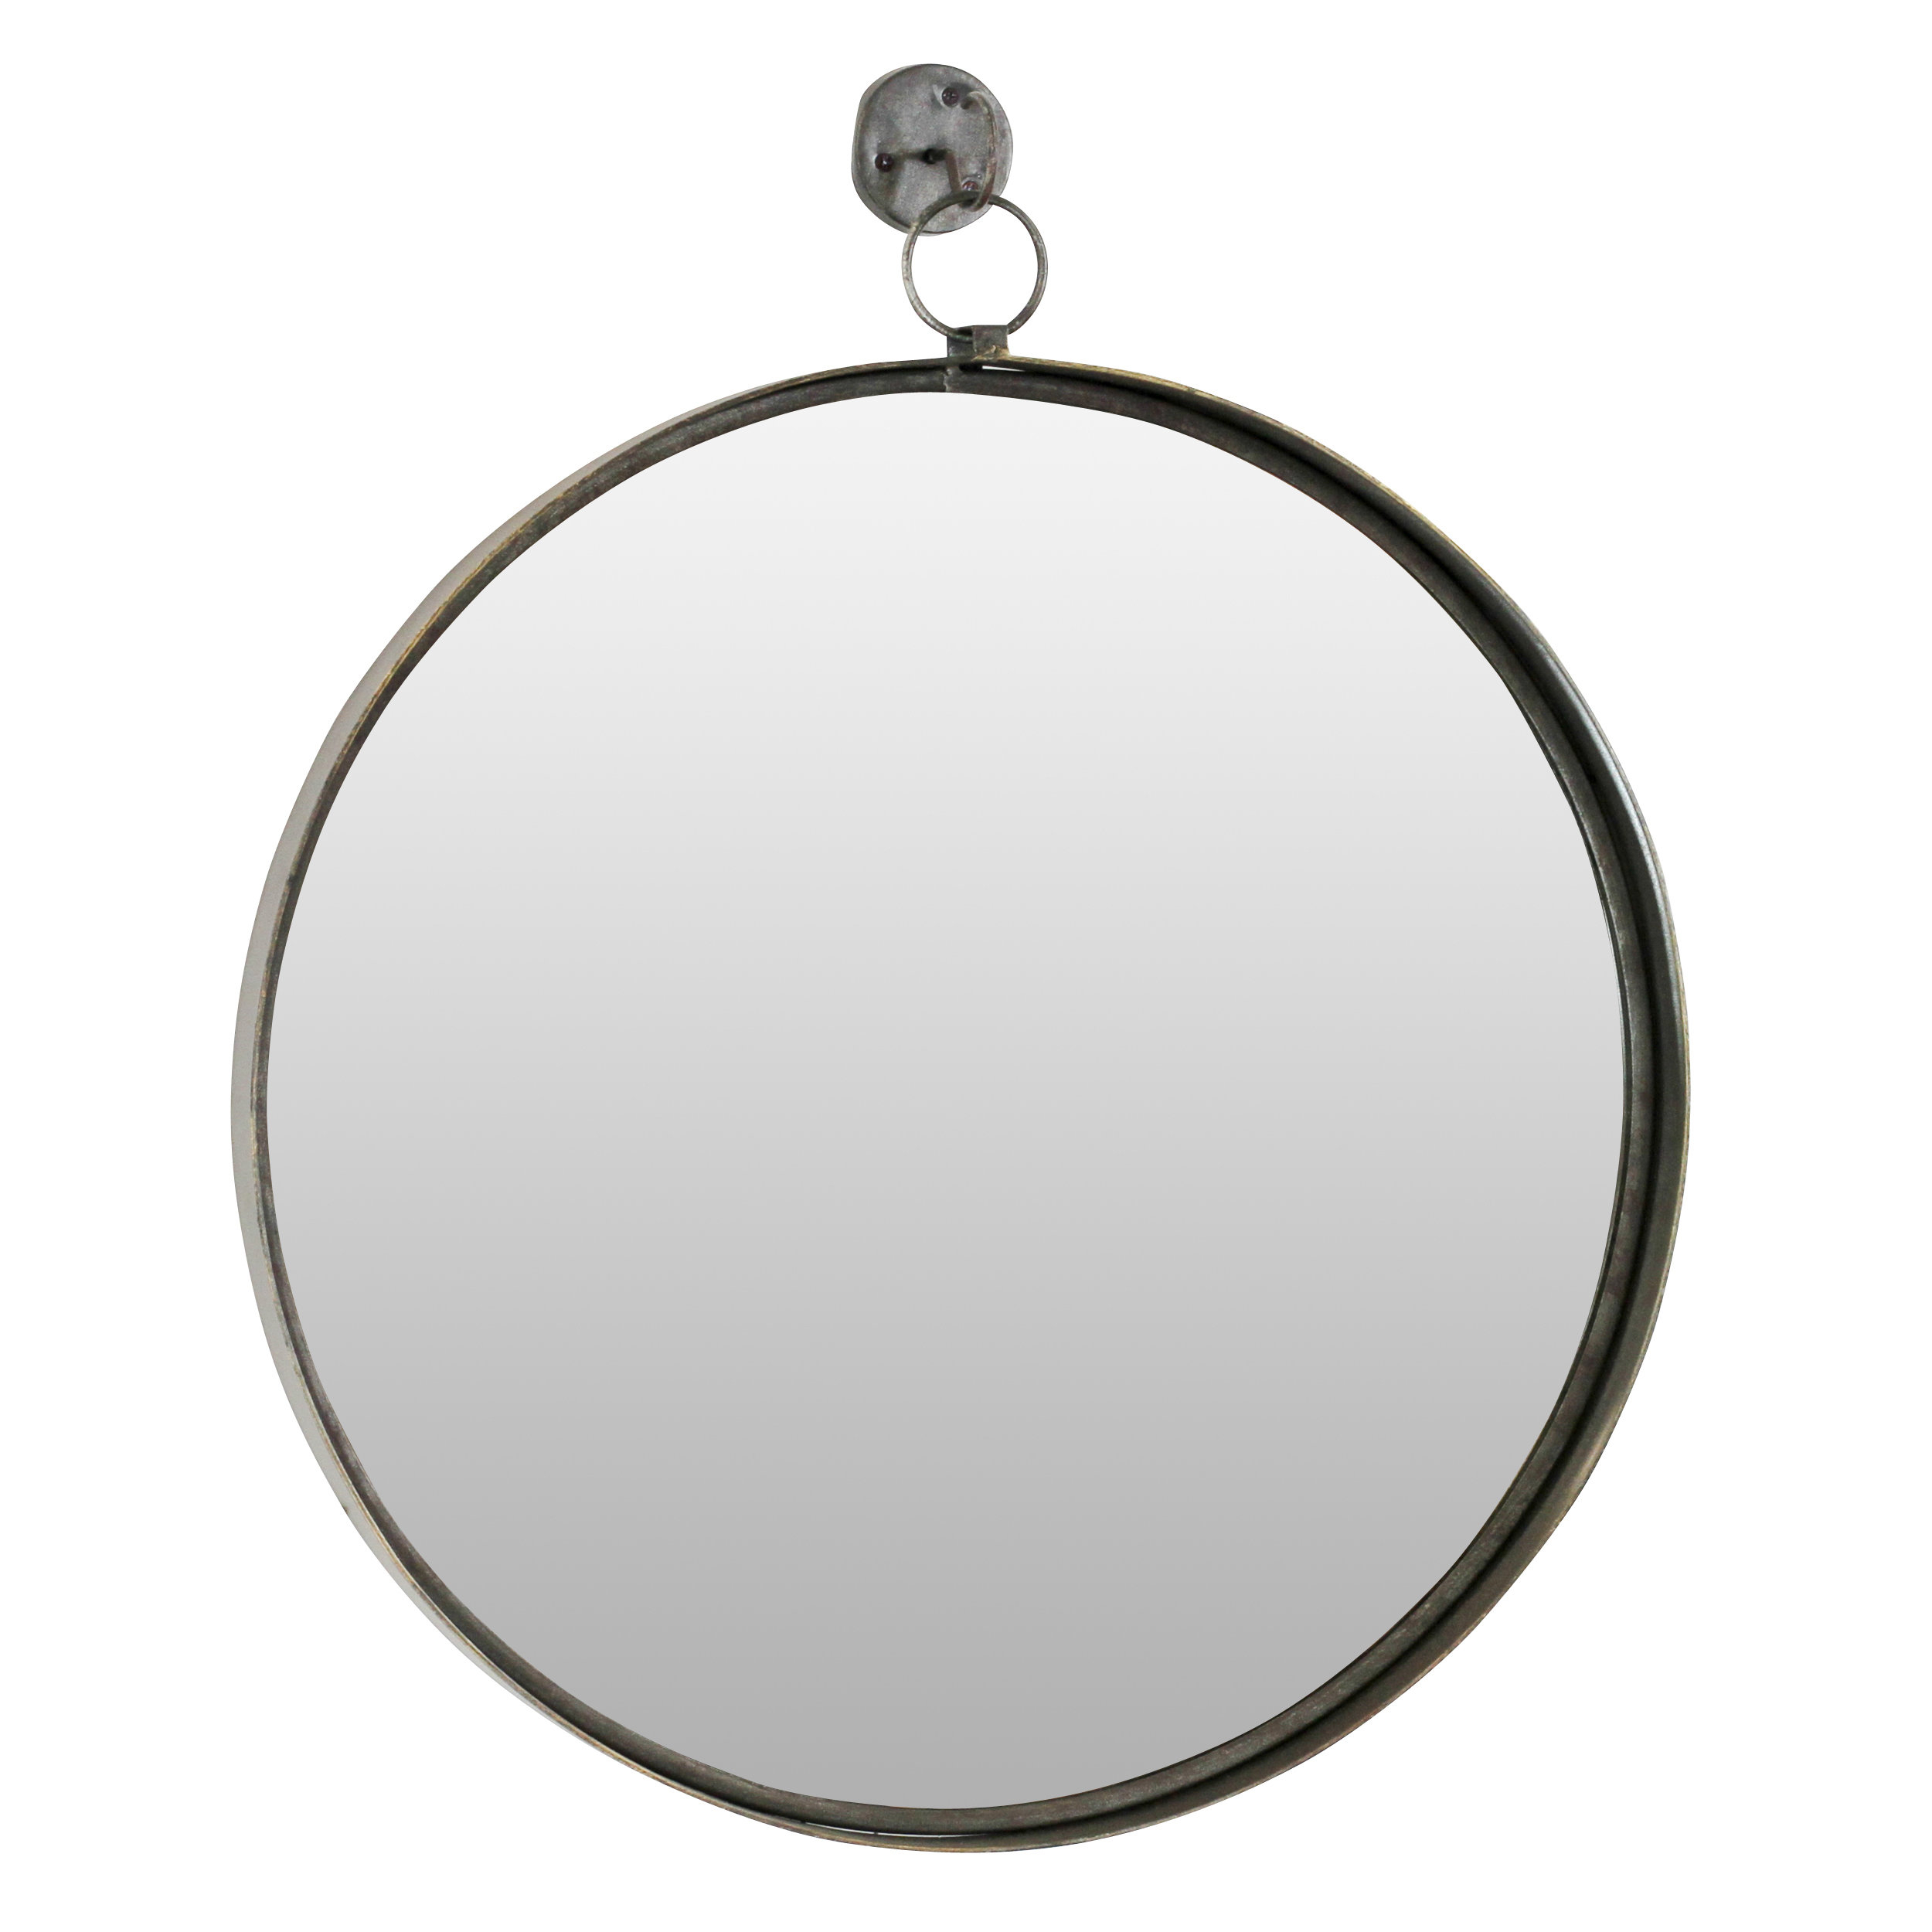 Metal Wall Mirrors You'll Love In 2019 | Wayfair inside Koeller Industrial Metal Wall Mirrors (Image 16 of 30)